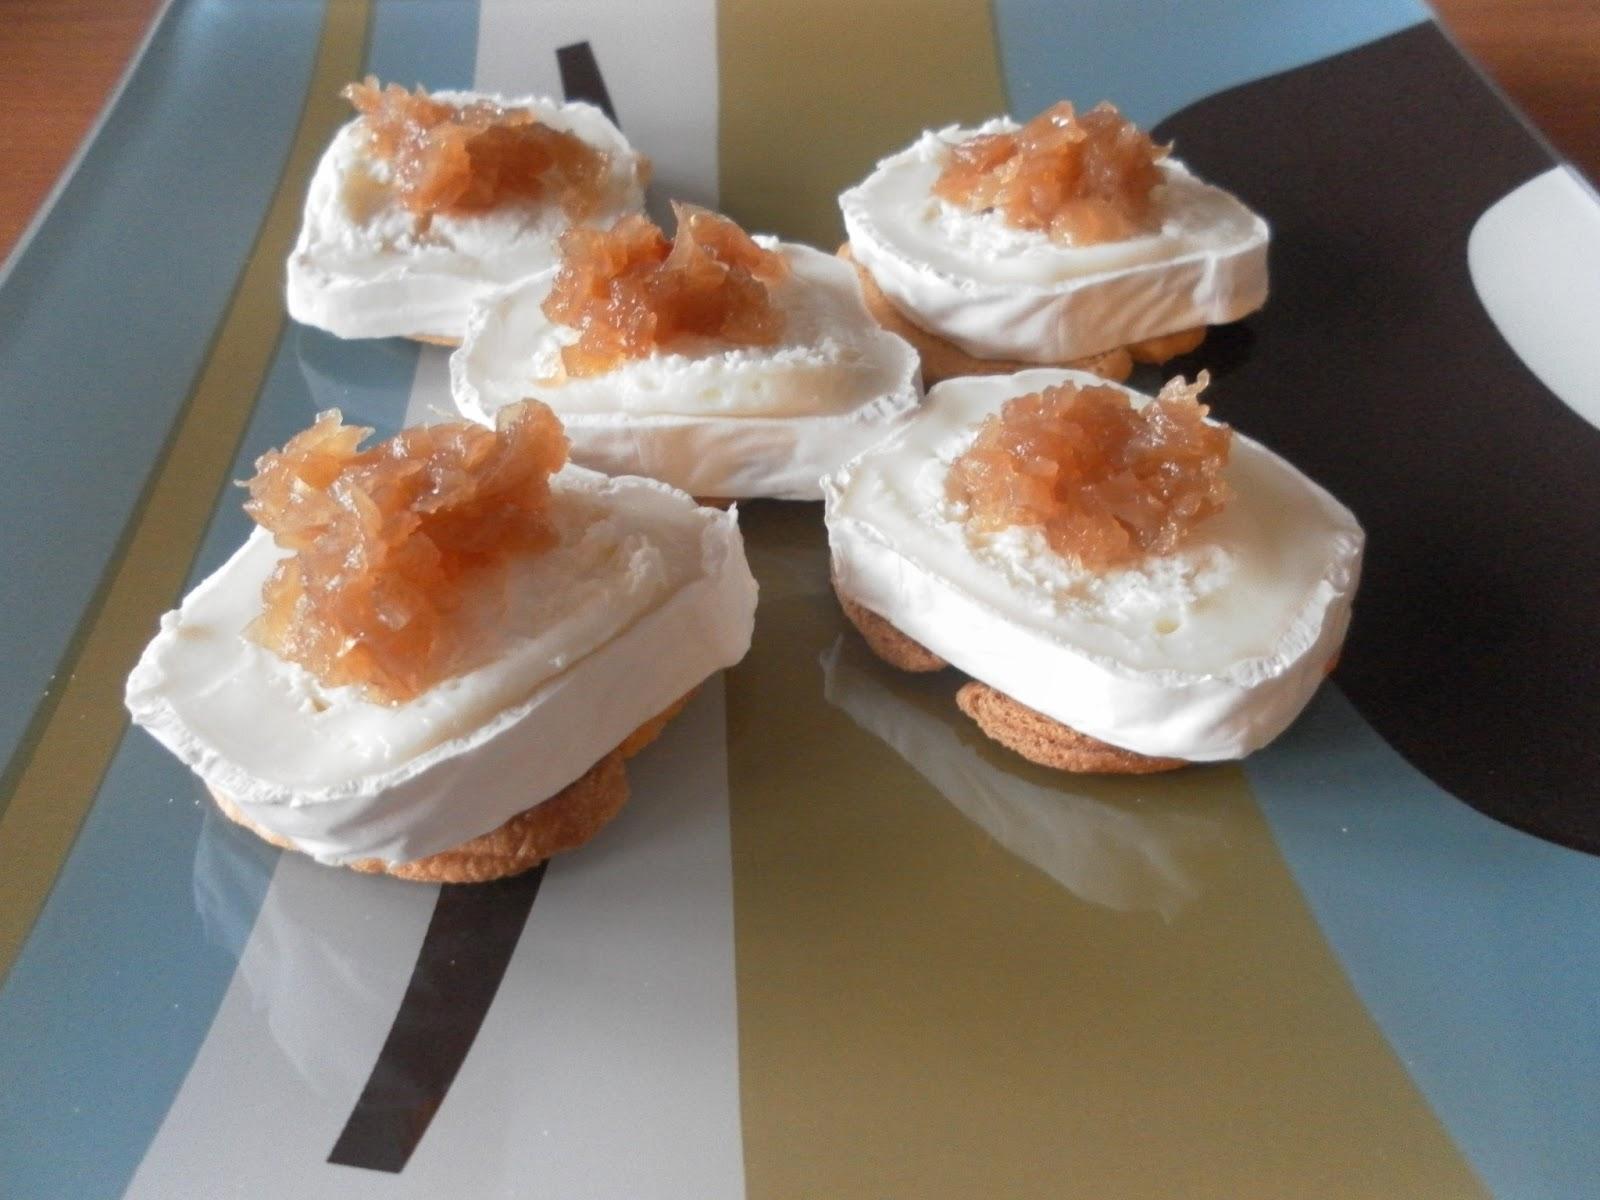 Canap s de queso de cabra con cebolla for Canape de pate con cebolla caramelizada